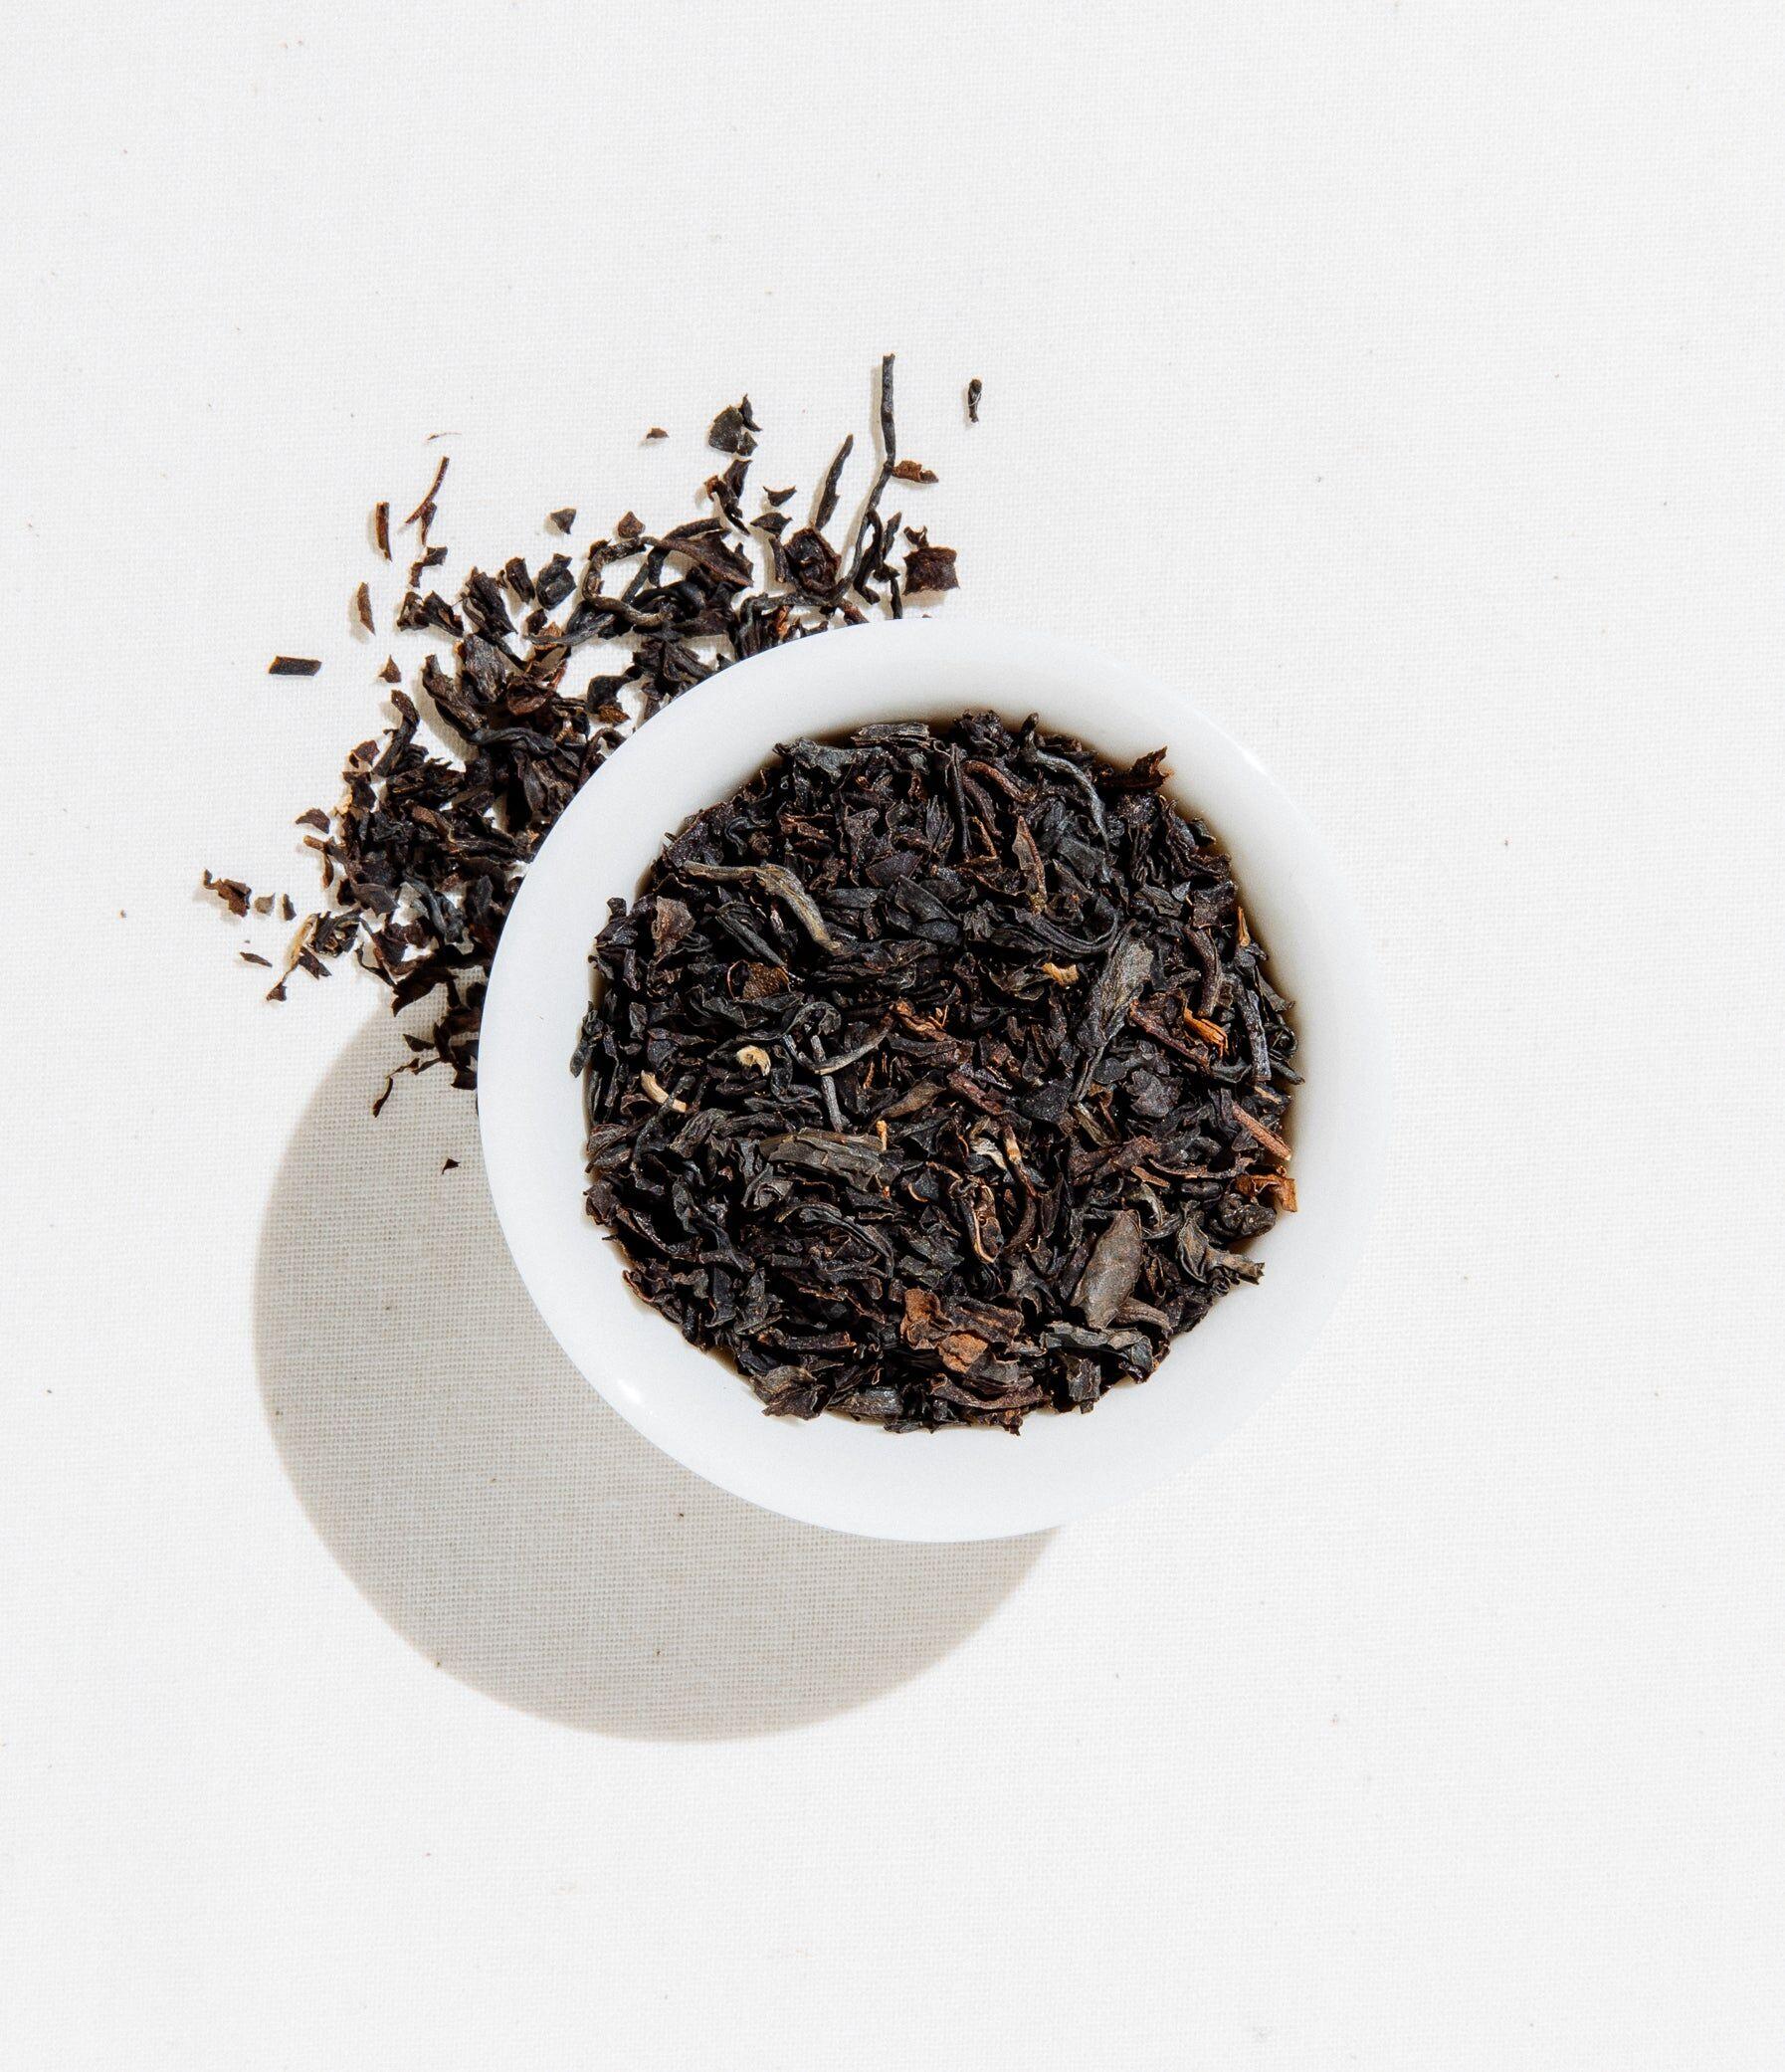 Monks Blend Tea Loose Leaf 1 lb Zip Pouch by Art of Tea